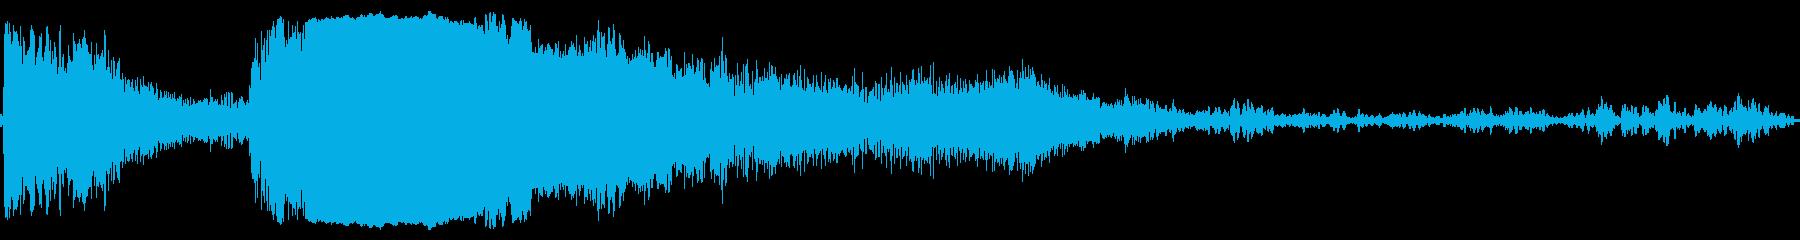 マスタングスタートとホットピールアウトの再生済みの波形